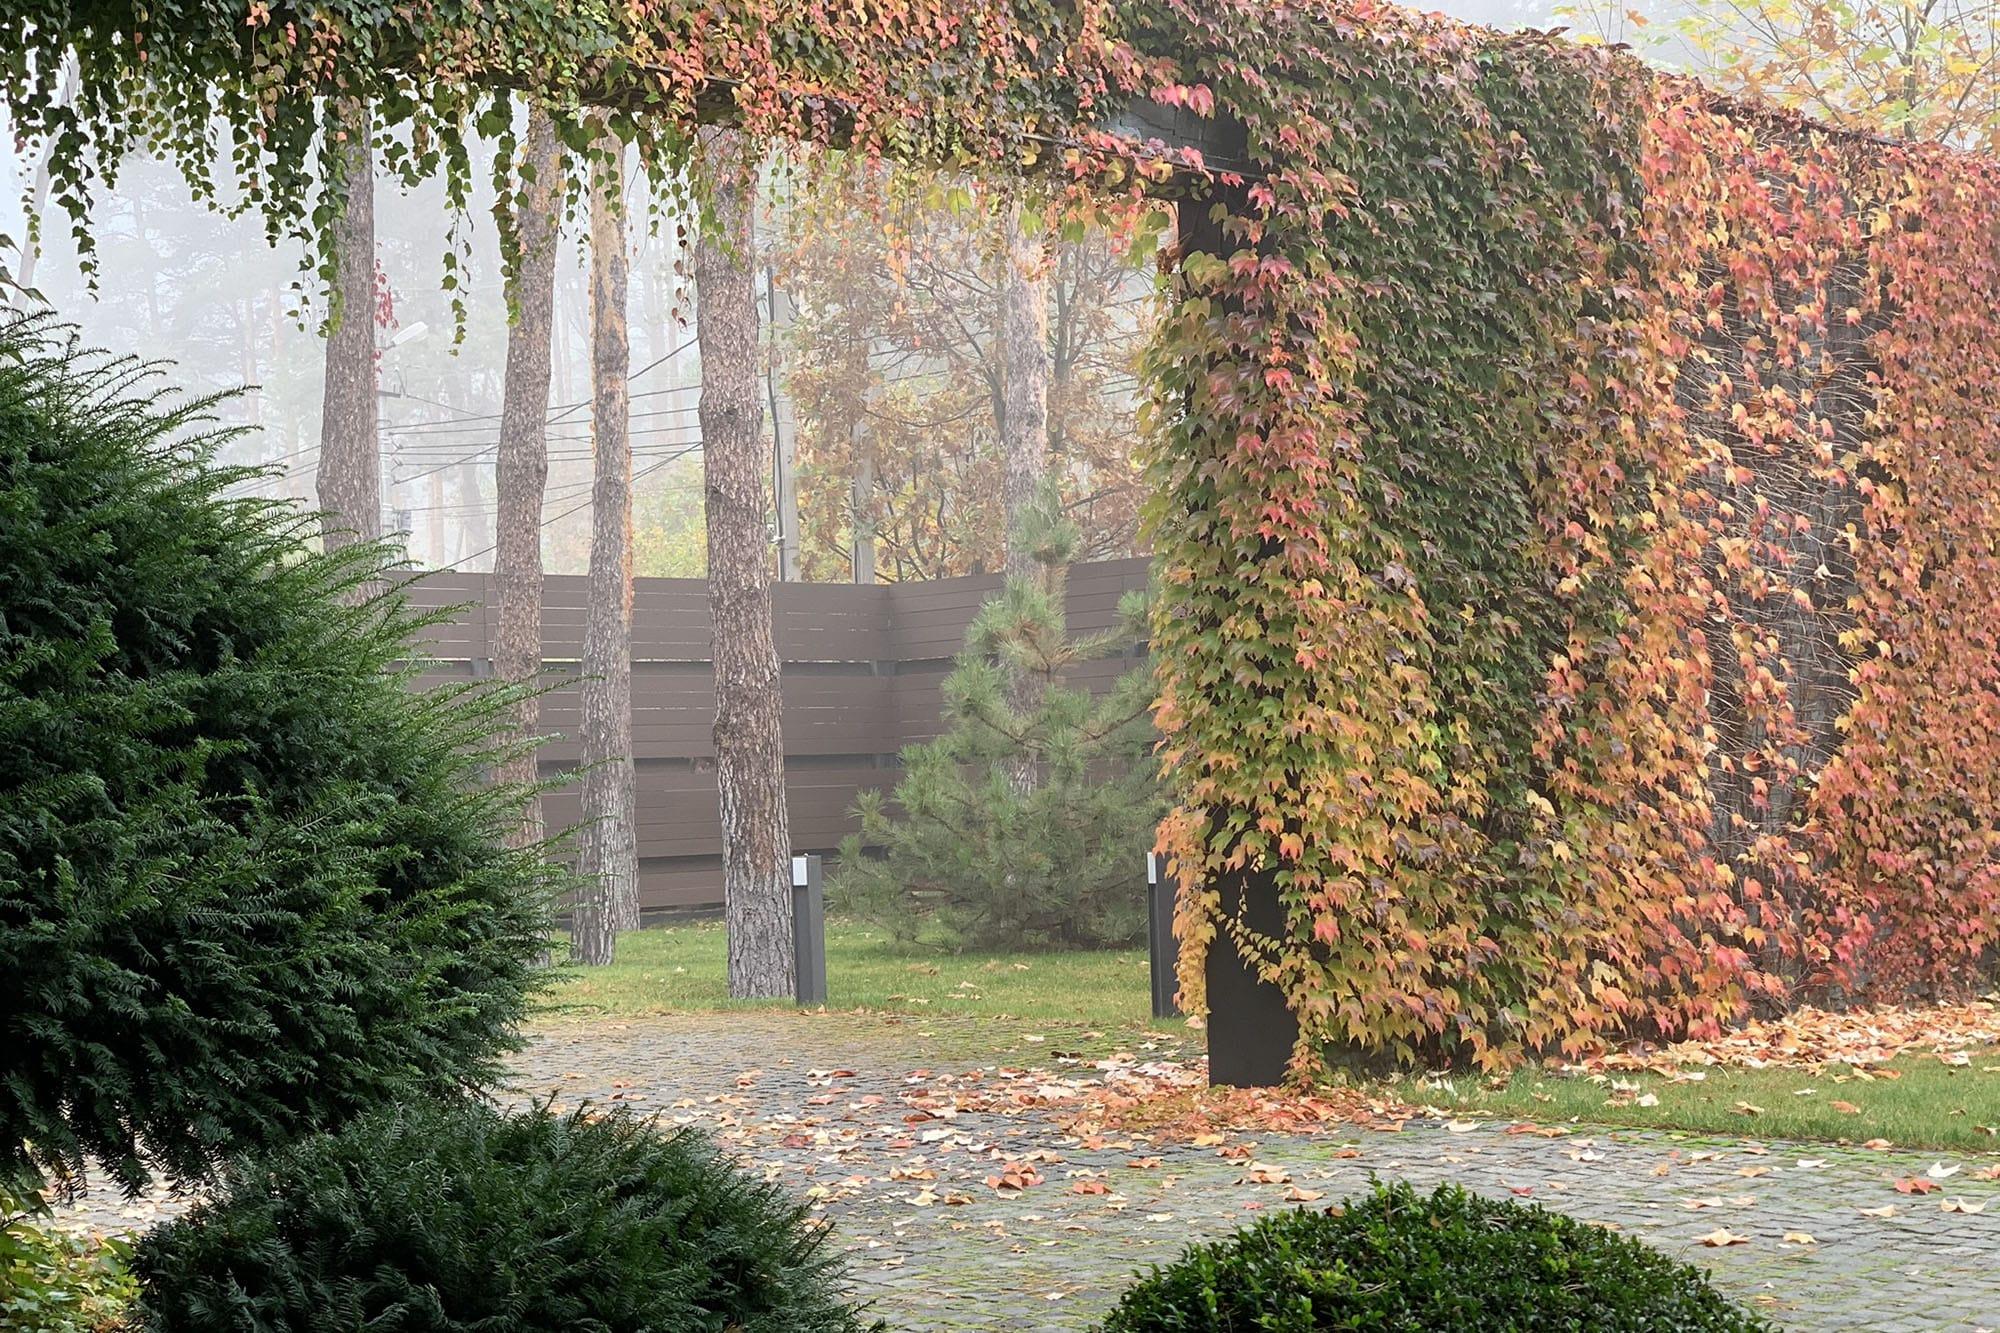 Ворота, заросшие виноградом. Фото компании ландшафтного дизайна Магия сада